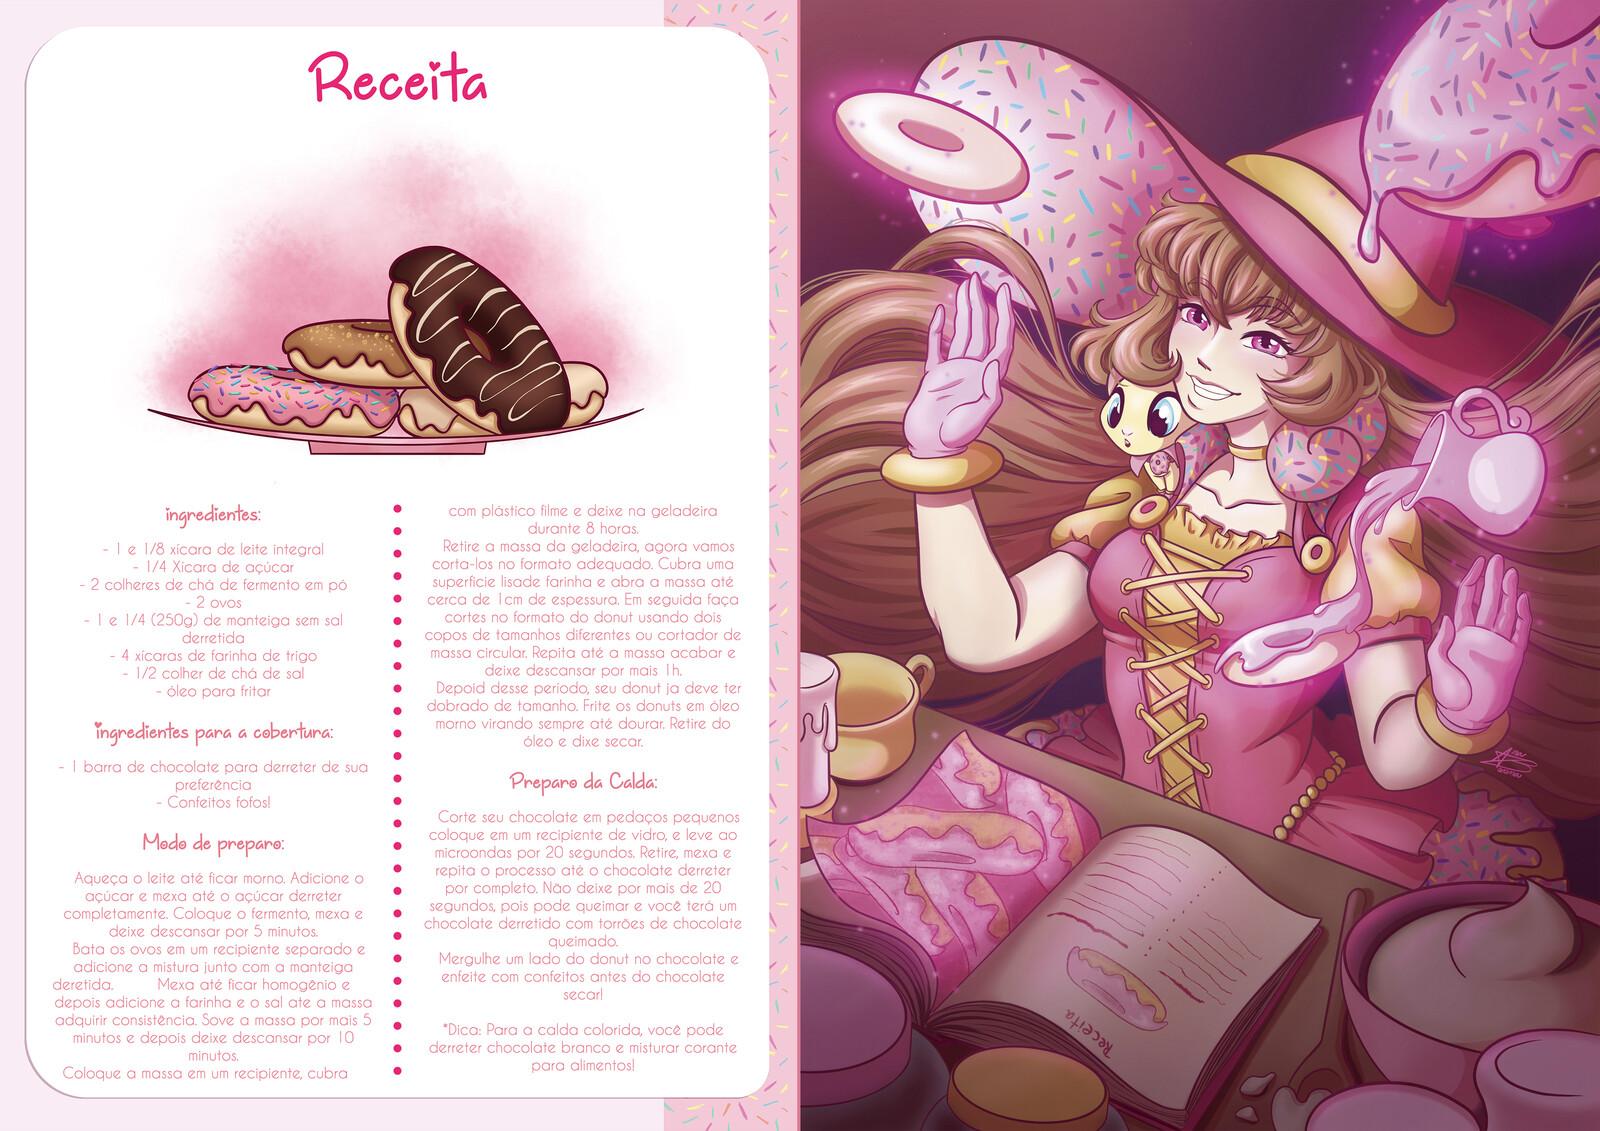 Receita e Ilustração da bruxinha Danna Donut